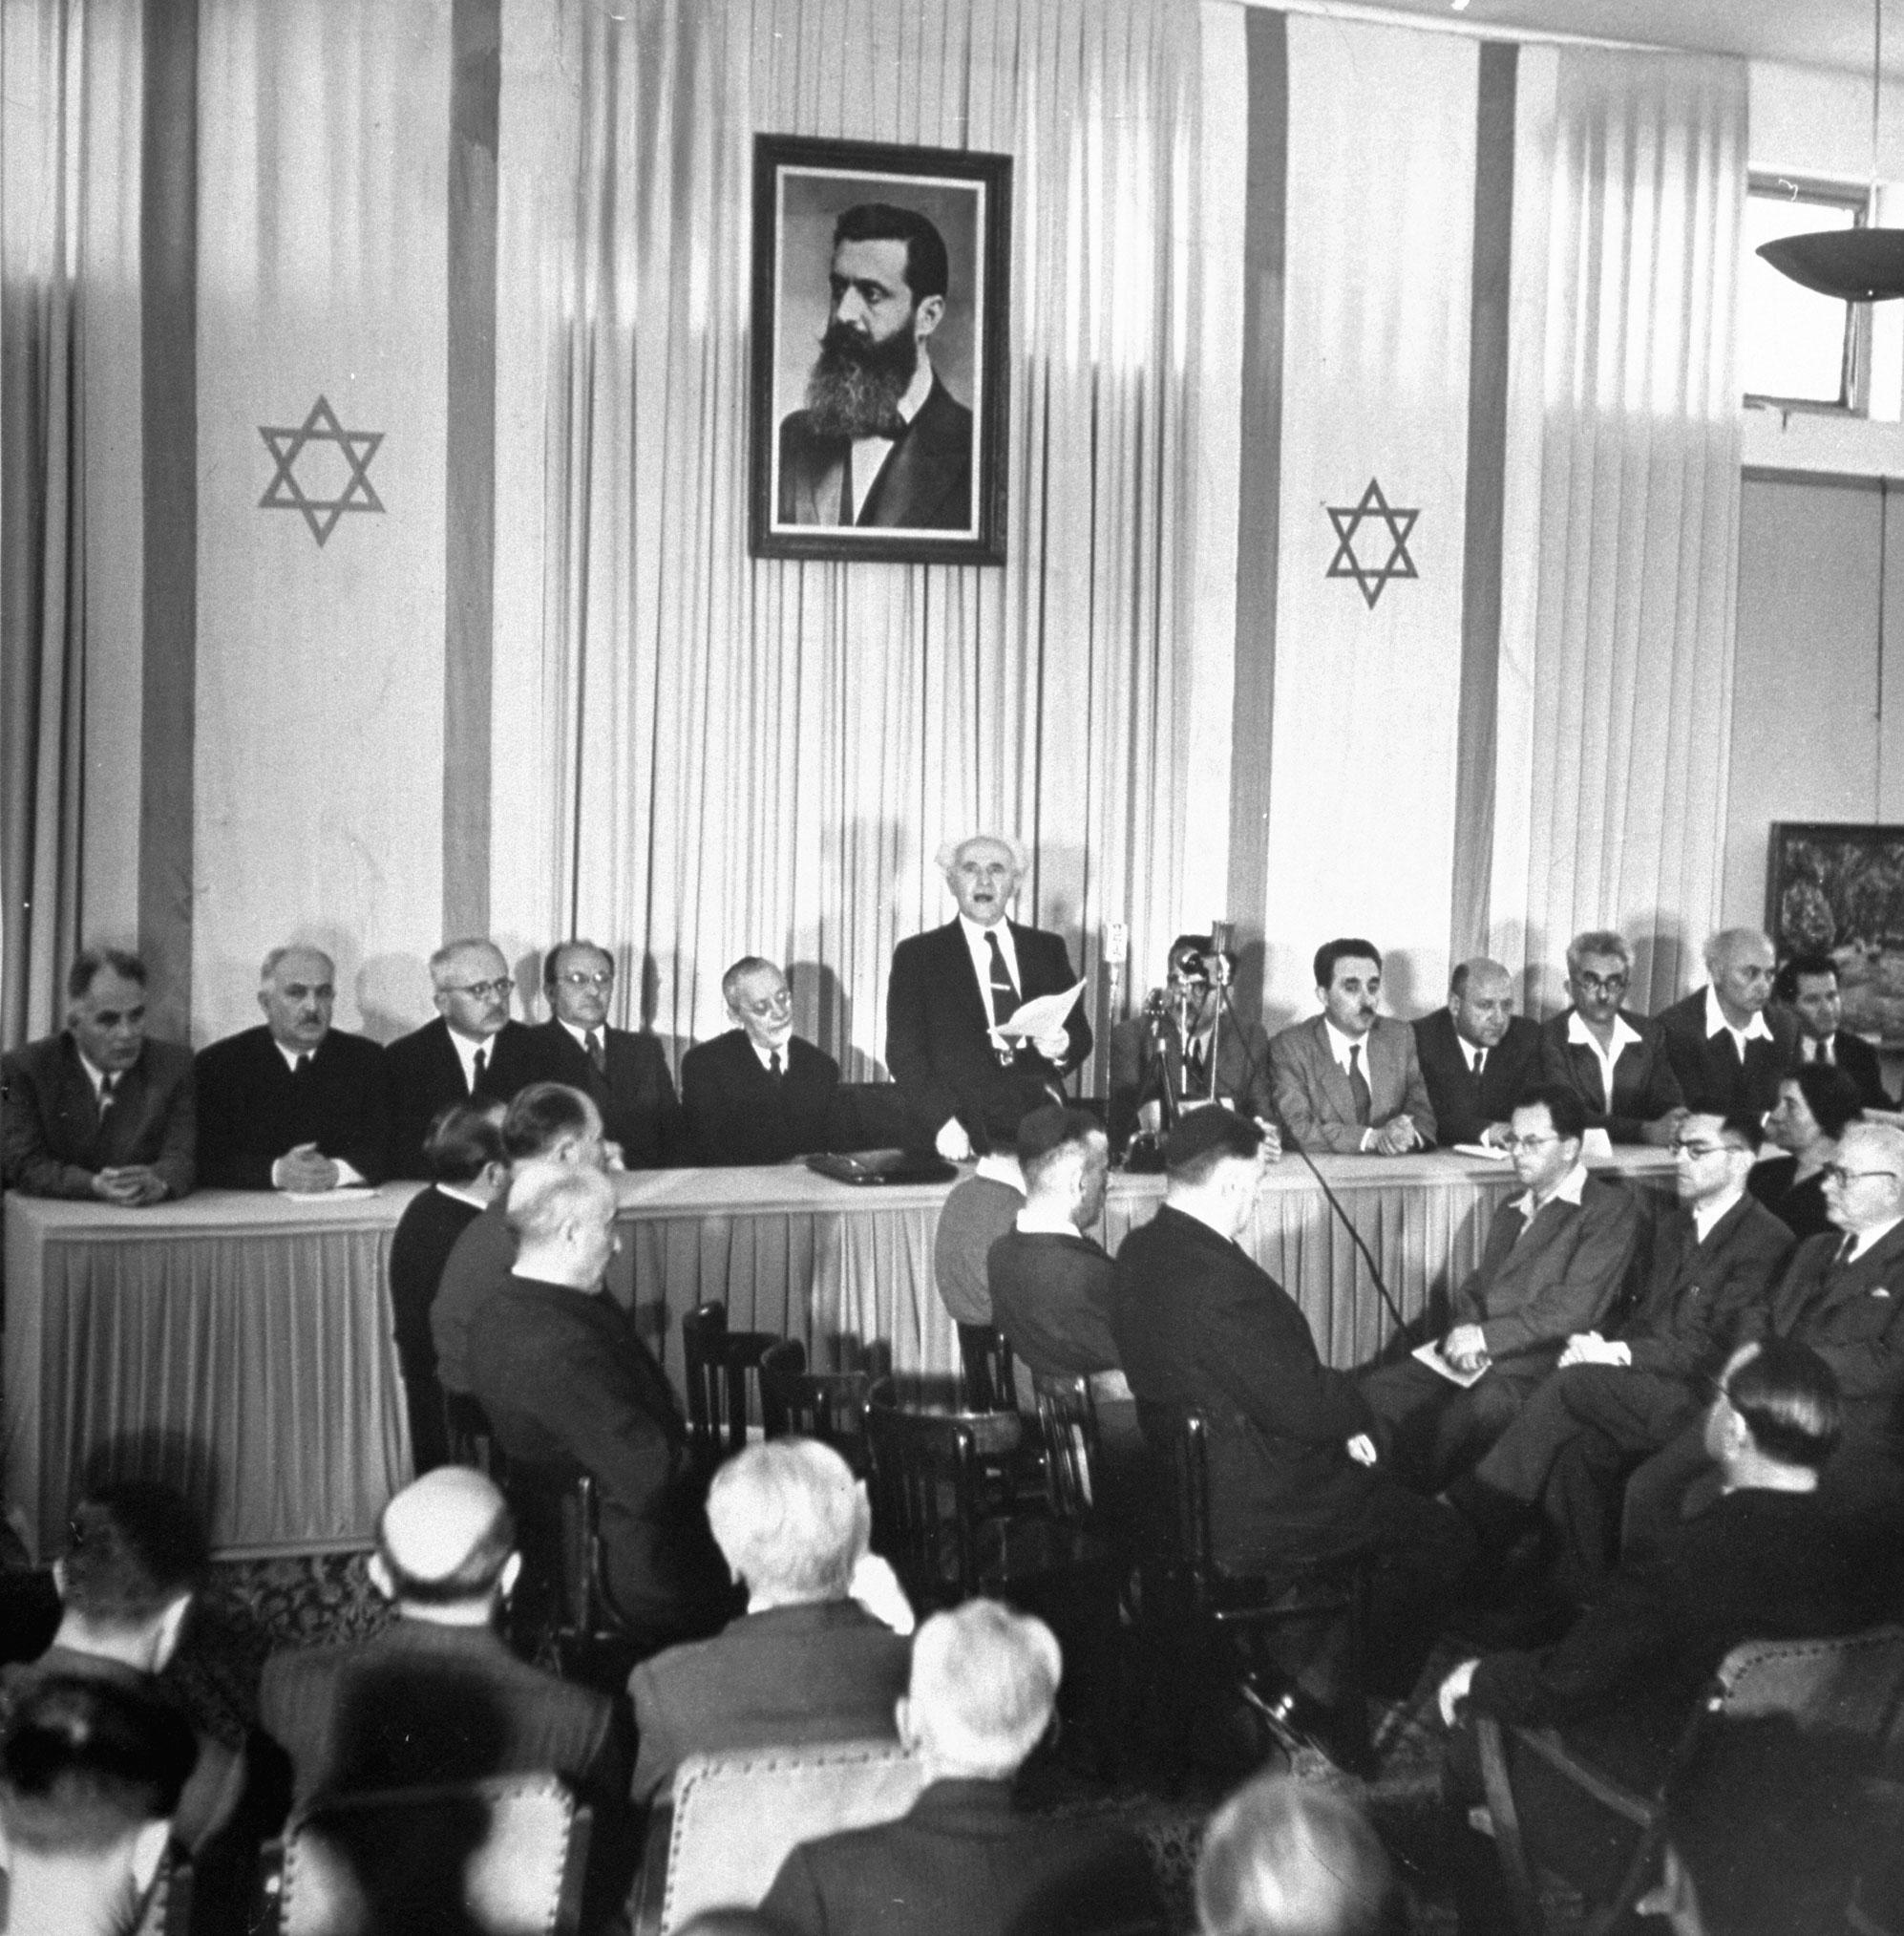 Дэвид Бен-Гурион зачитывает «Декларации независимости Израиля». 14 мая